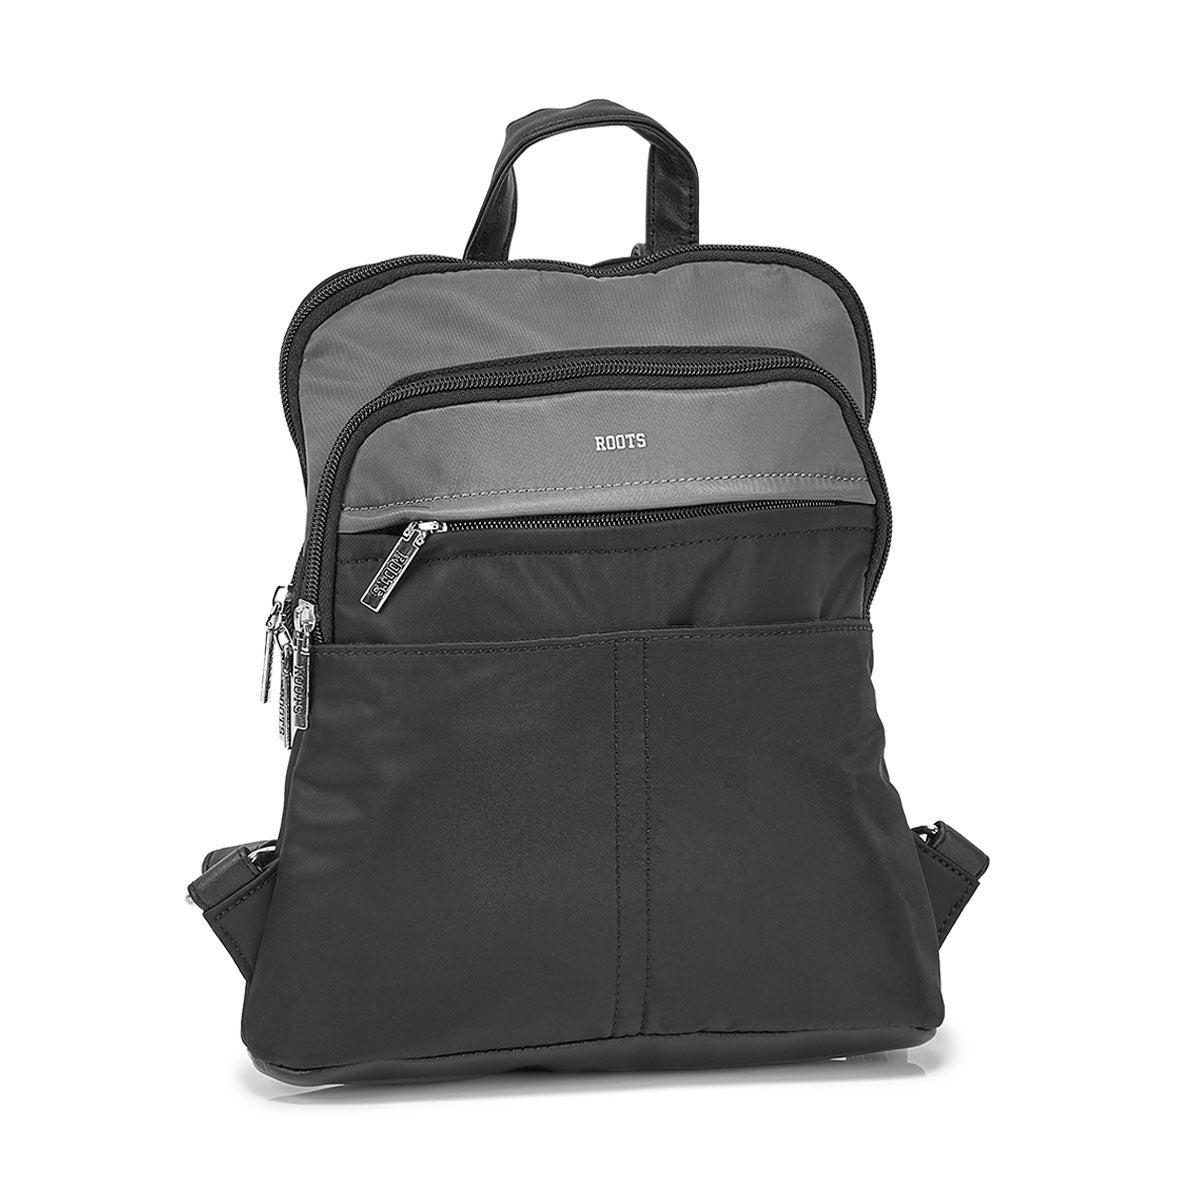 Mini sac à dos multi poches R5857, noir, femmes